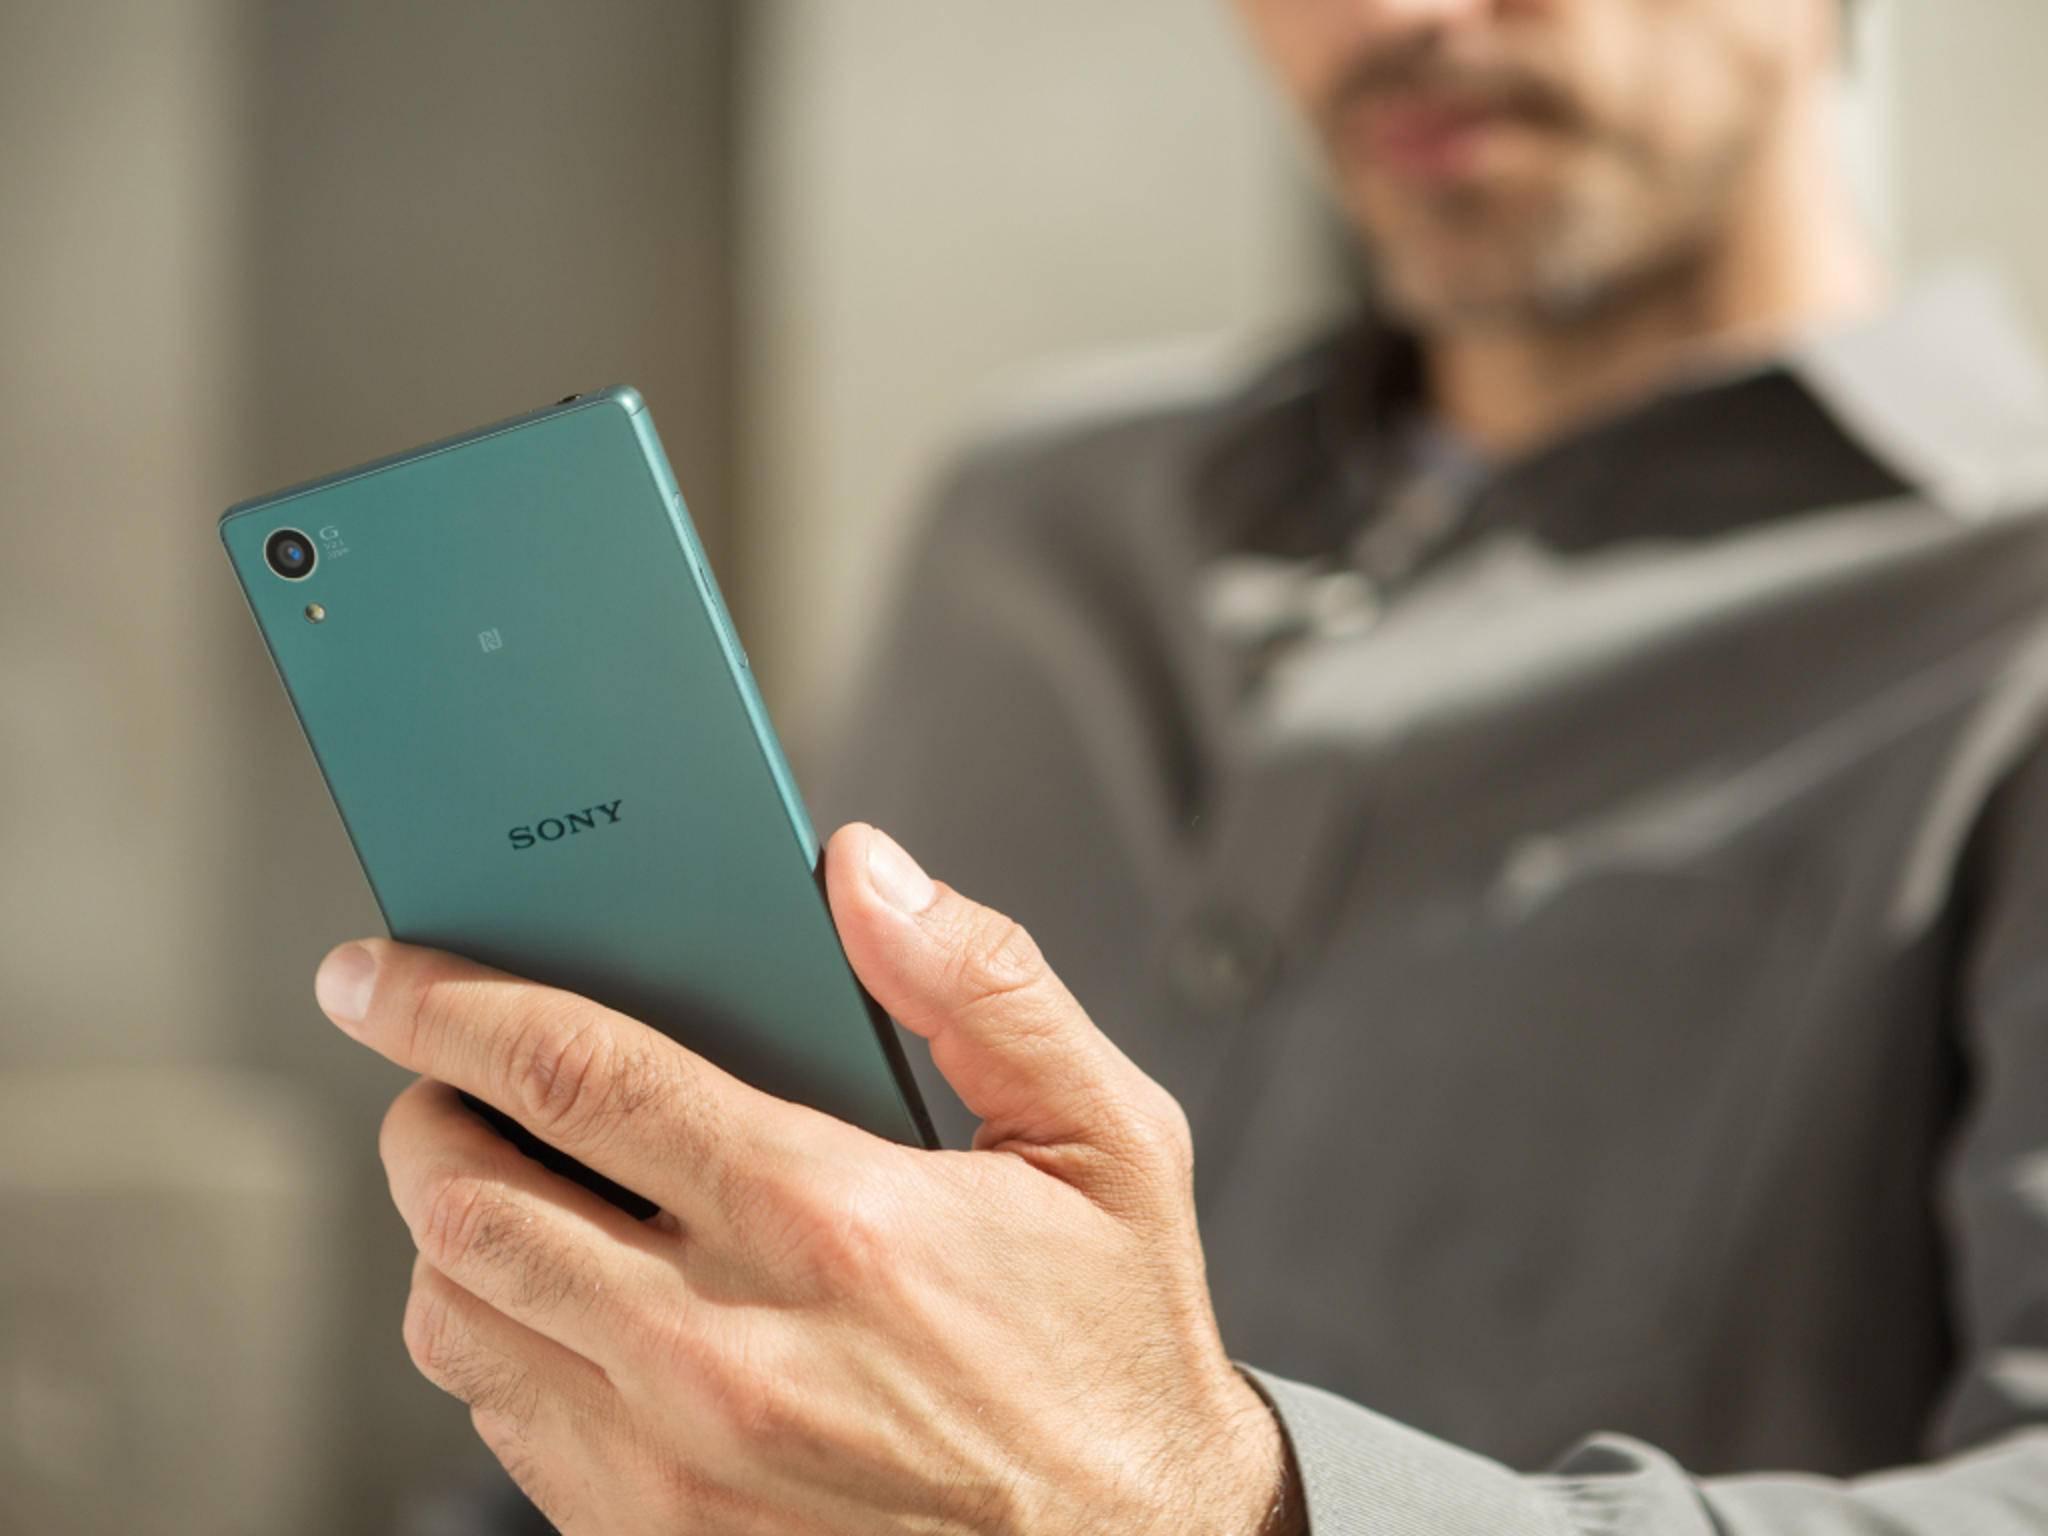 Das Sony Xperia Z5: Wird es schon bald durch neue Modelle ersetzt?